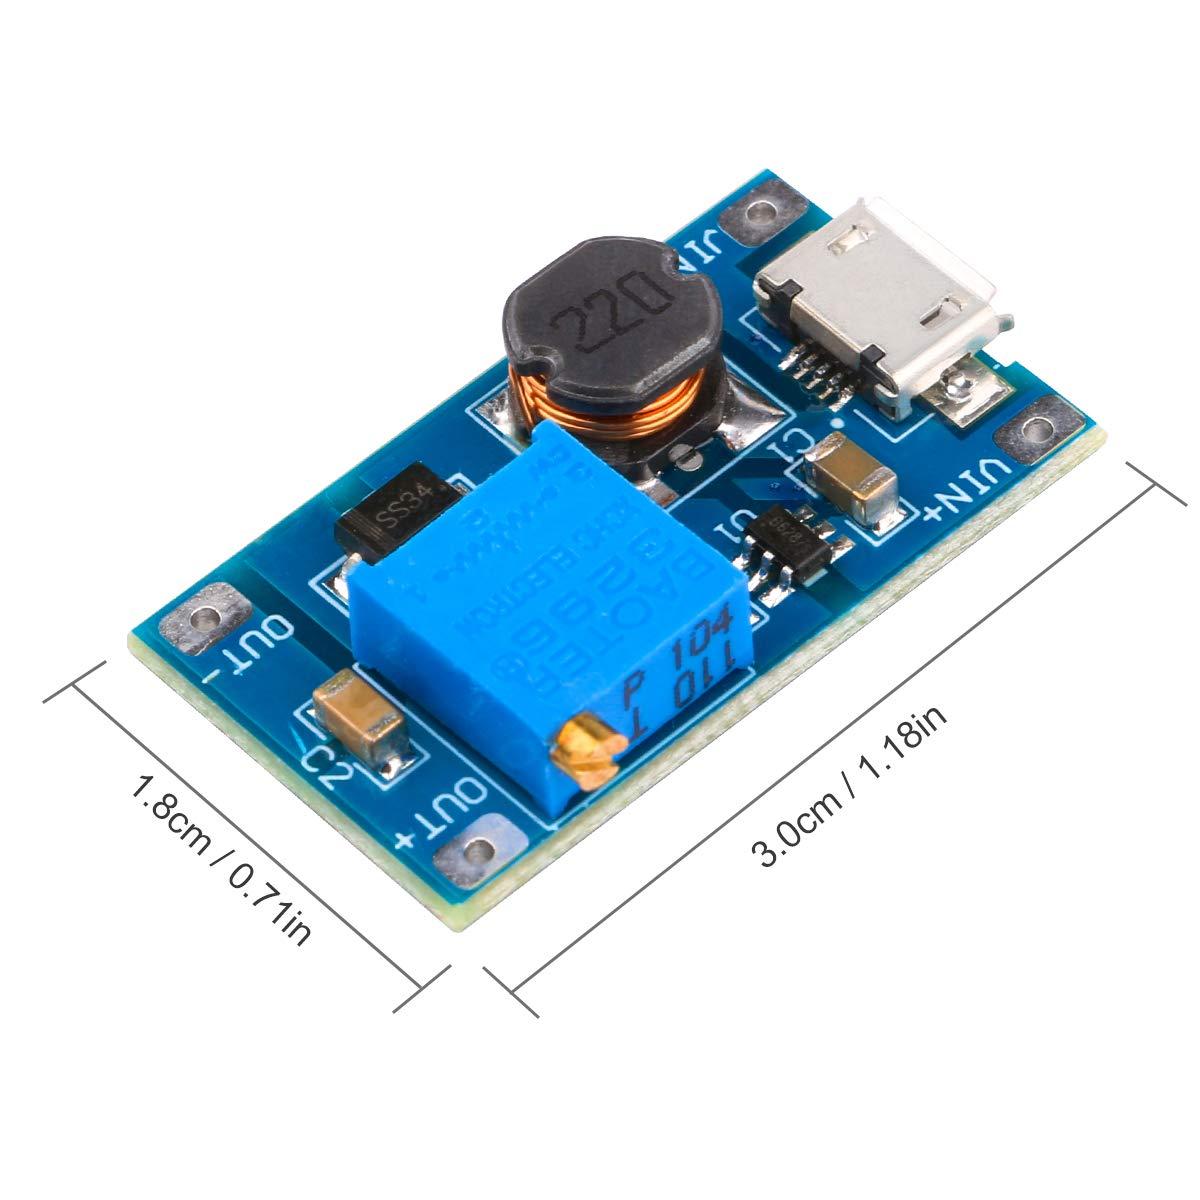 Dc Boost Converter Yeeco 1a Step Up Usb 5v To 12v Dcdc Stepup Circuit Board 2 24v 9v 5 28v 20v Voltage Regulator Booster Module Adjustable